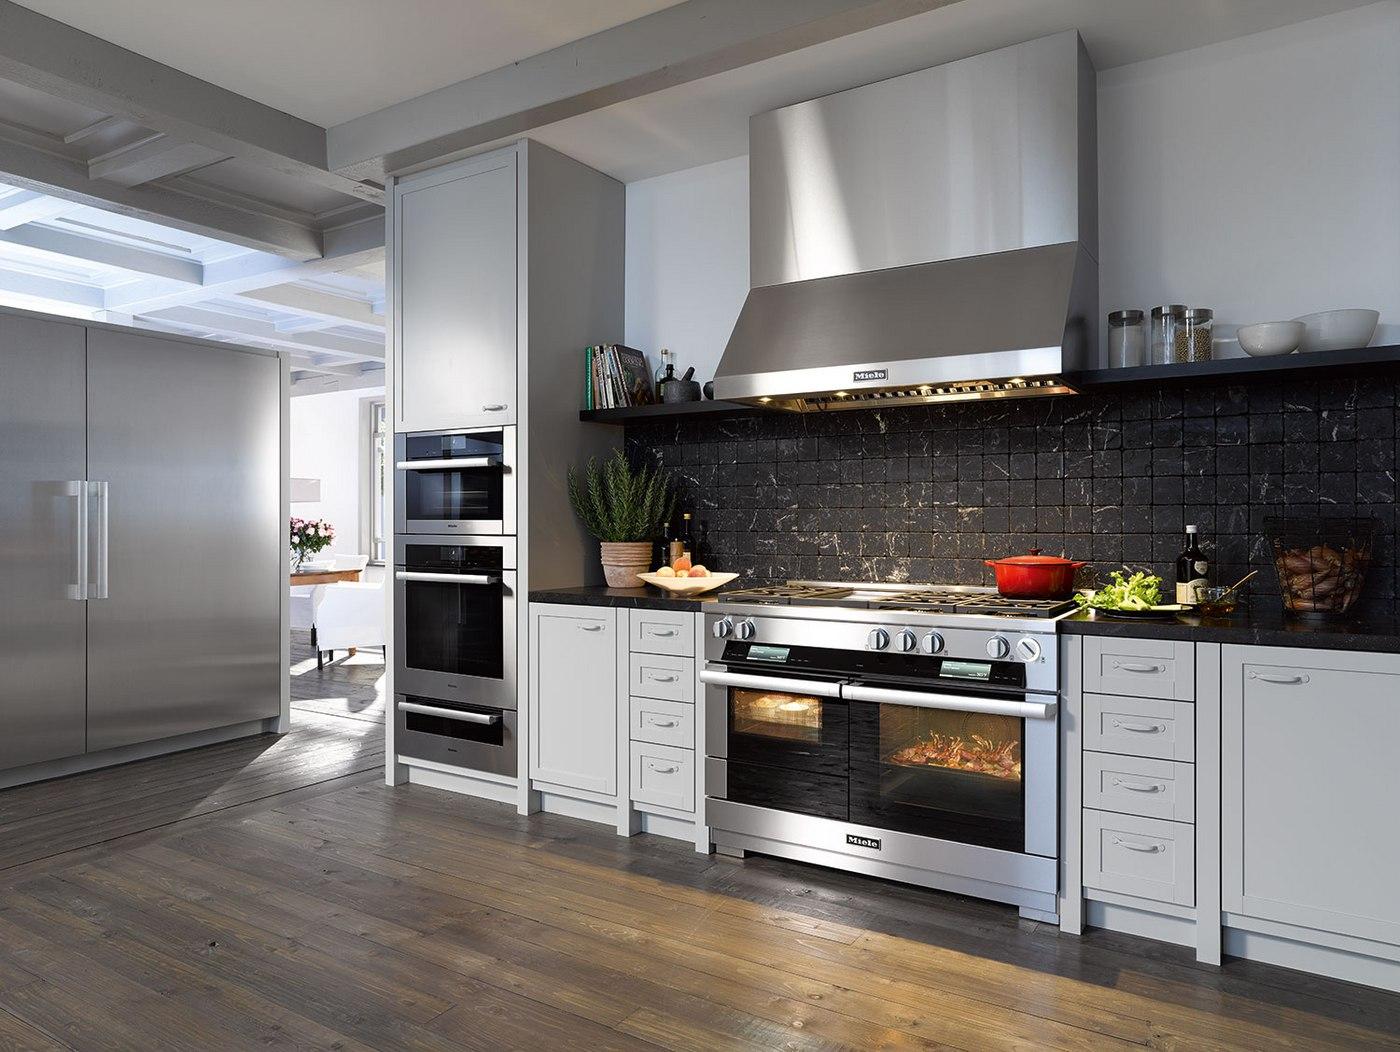 Miele Appliances Most Reliable 2017